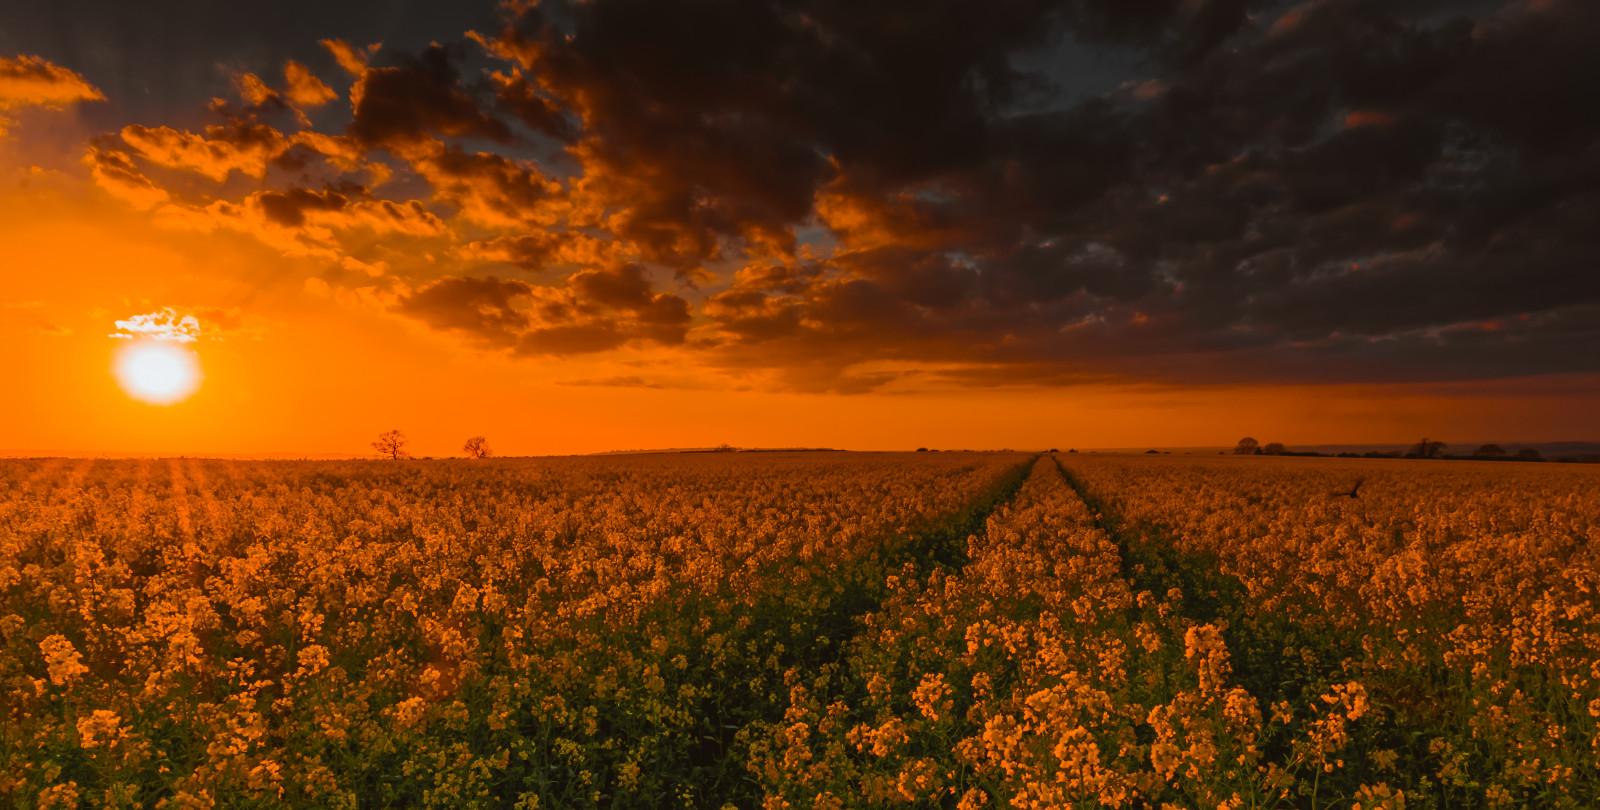 Fondos de pantalla flor warwickshire hora dorada for Hora puerta del sol